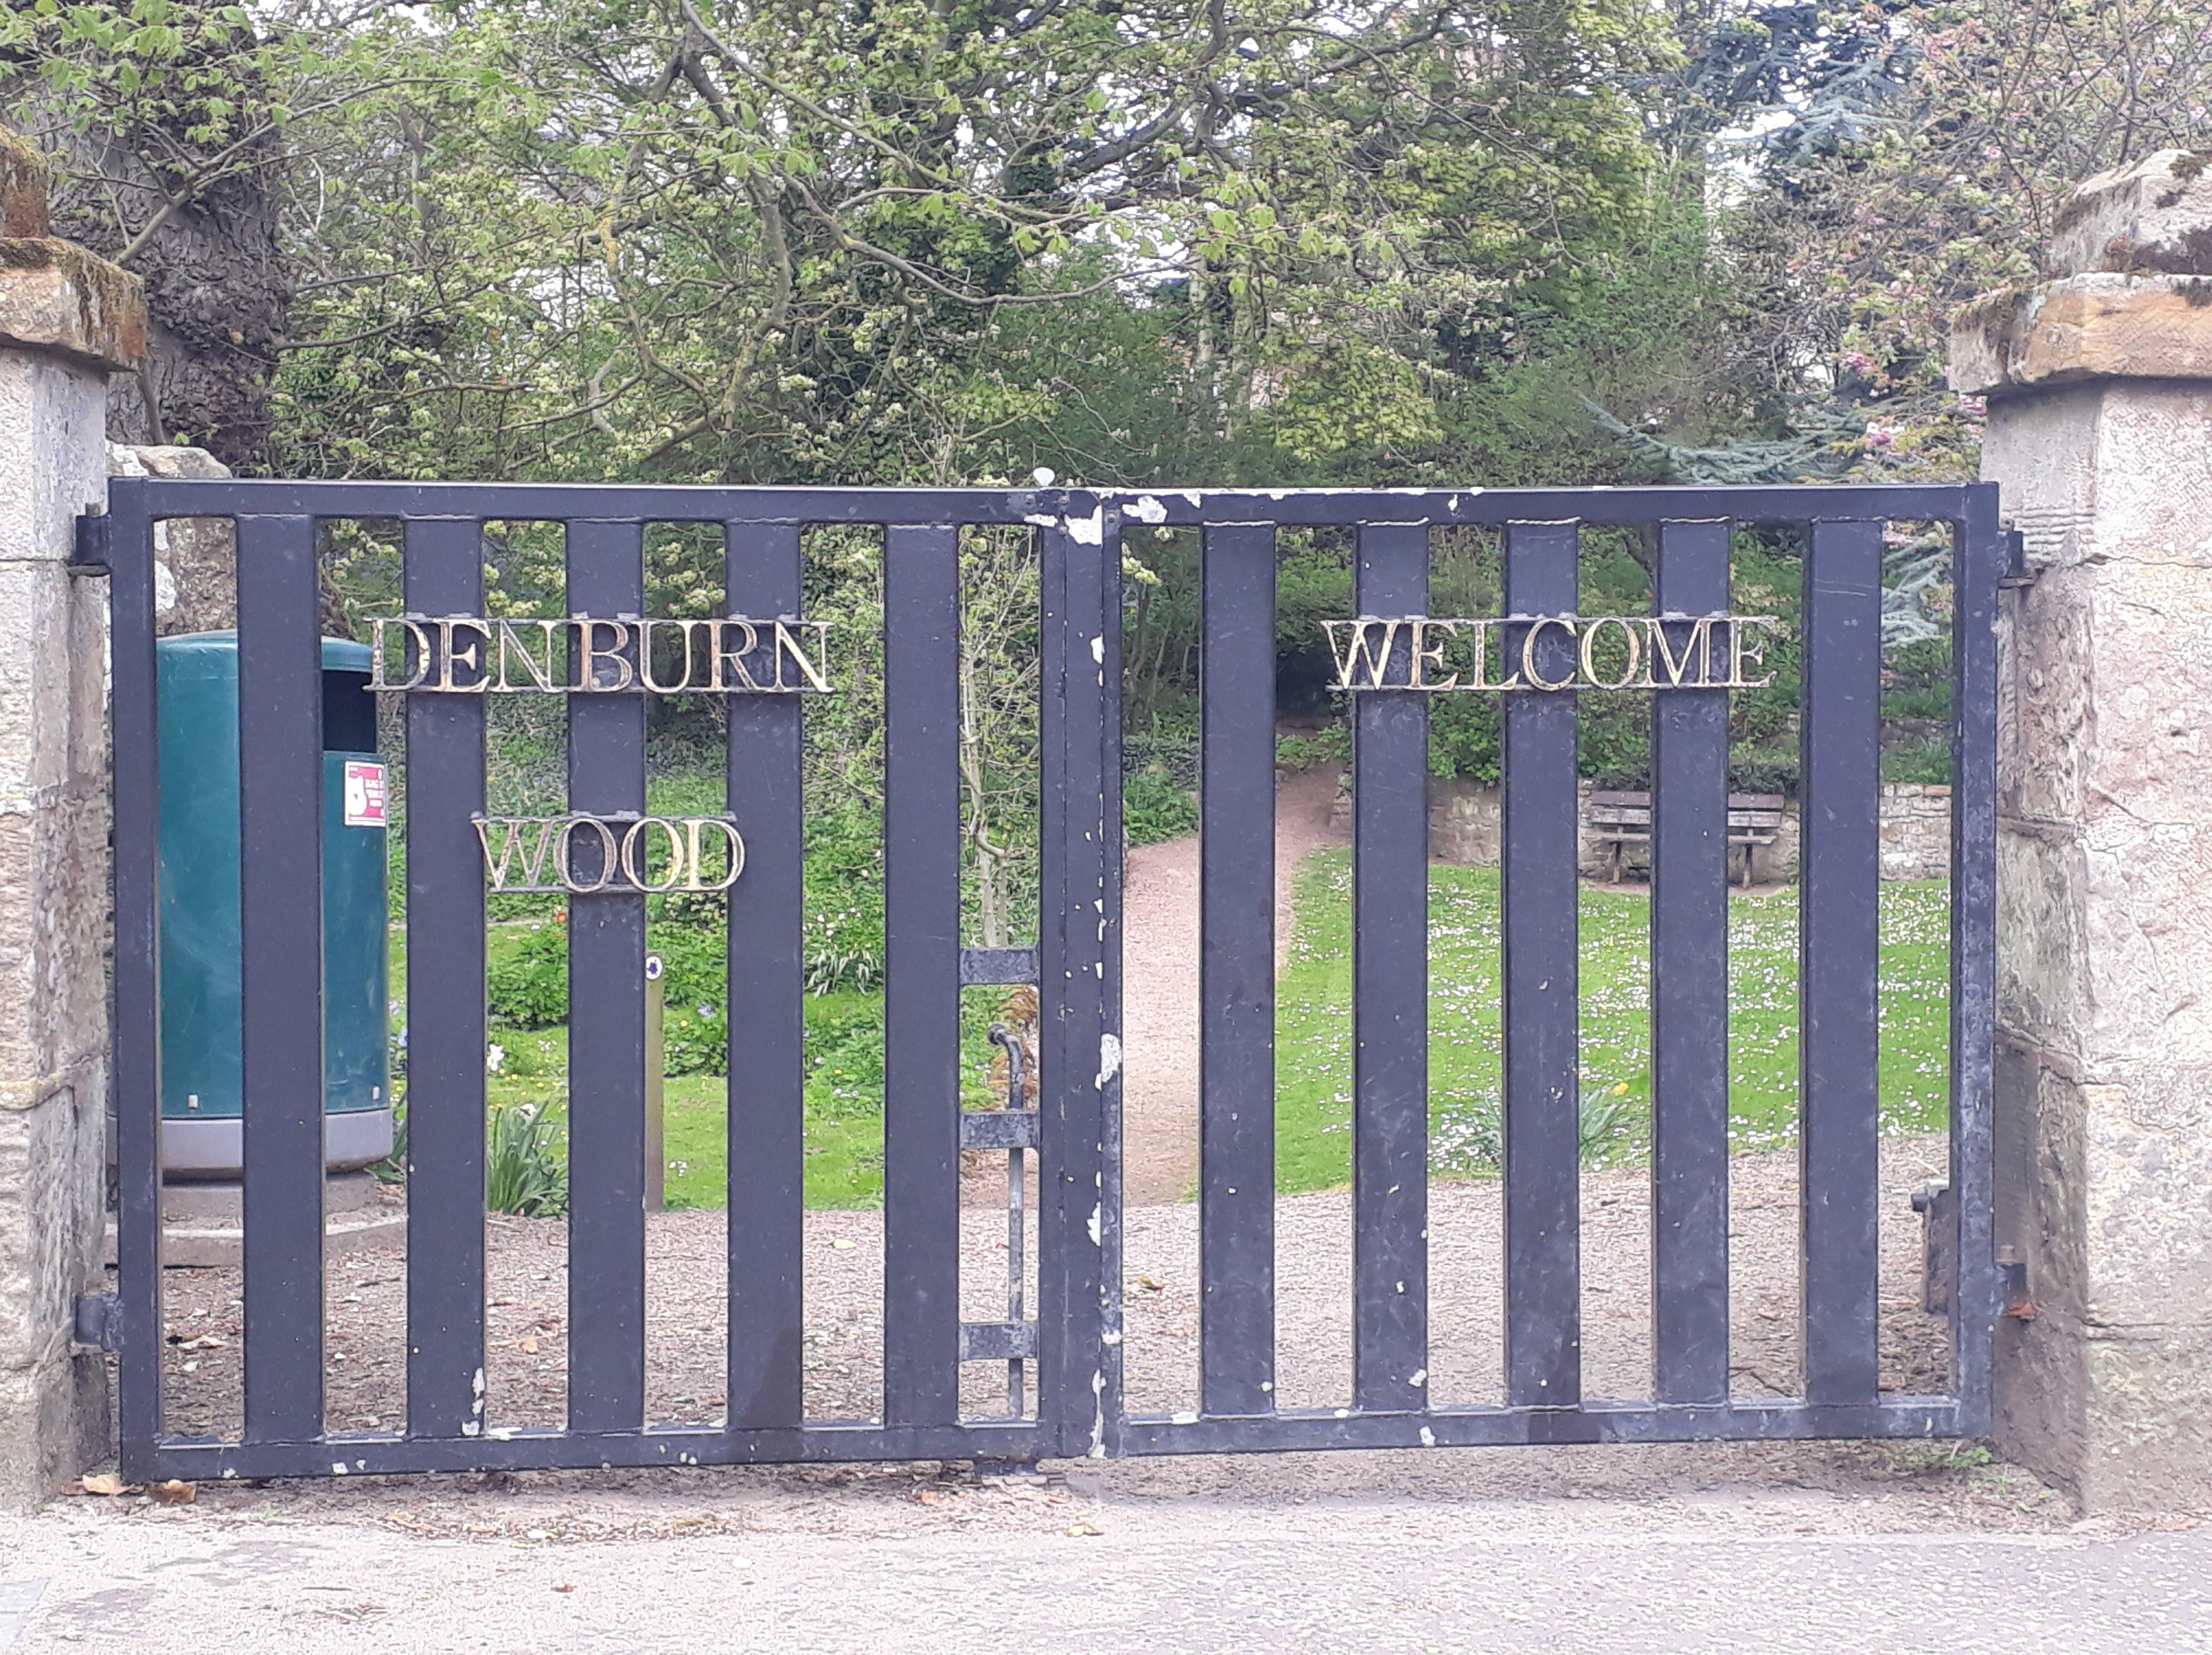 Denburn Wood Gates